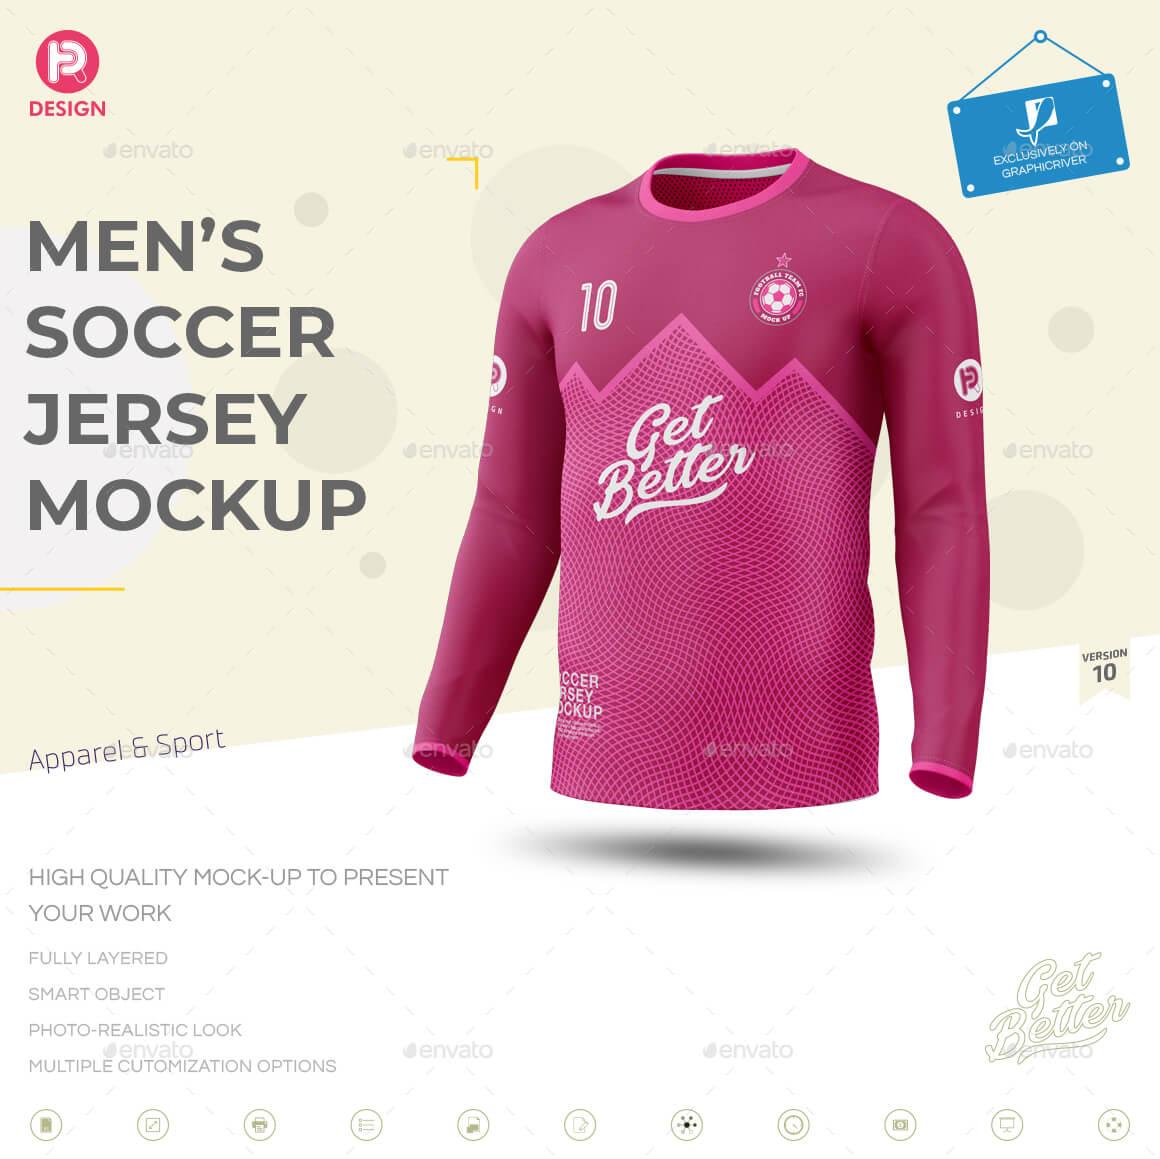 Men's Soccer Jersey Mockup V10 (1)